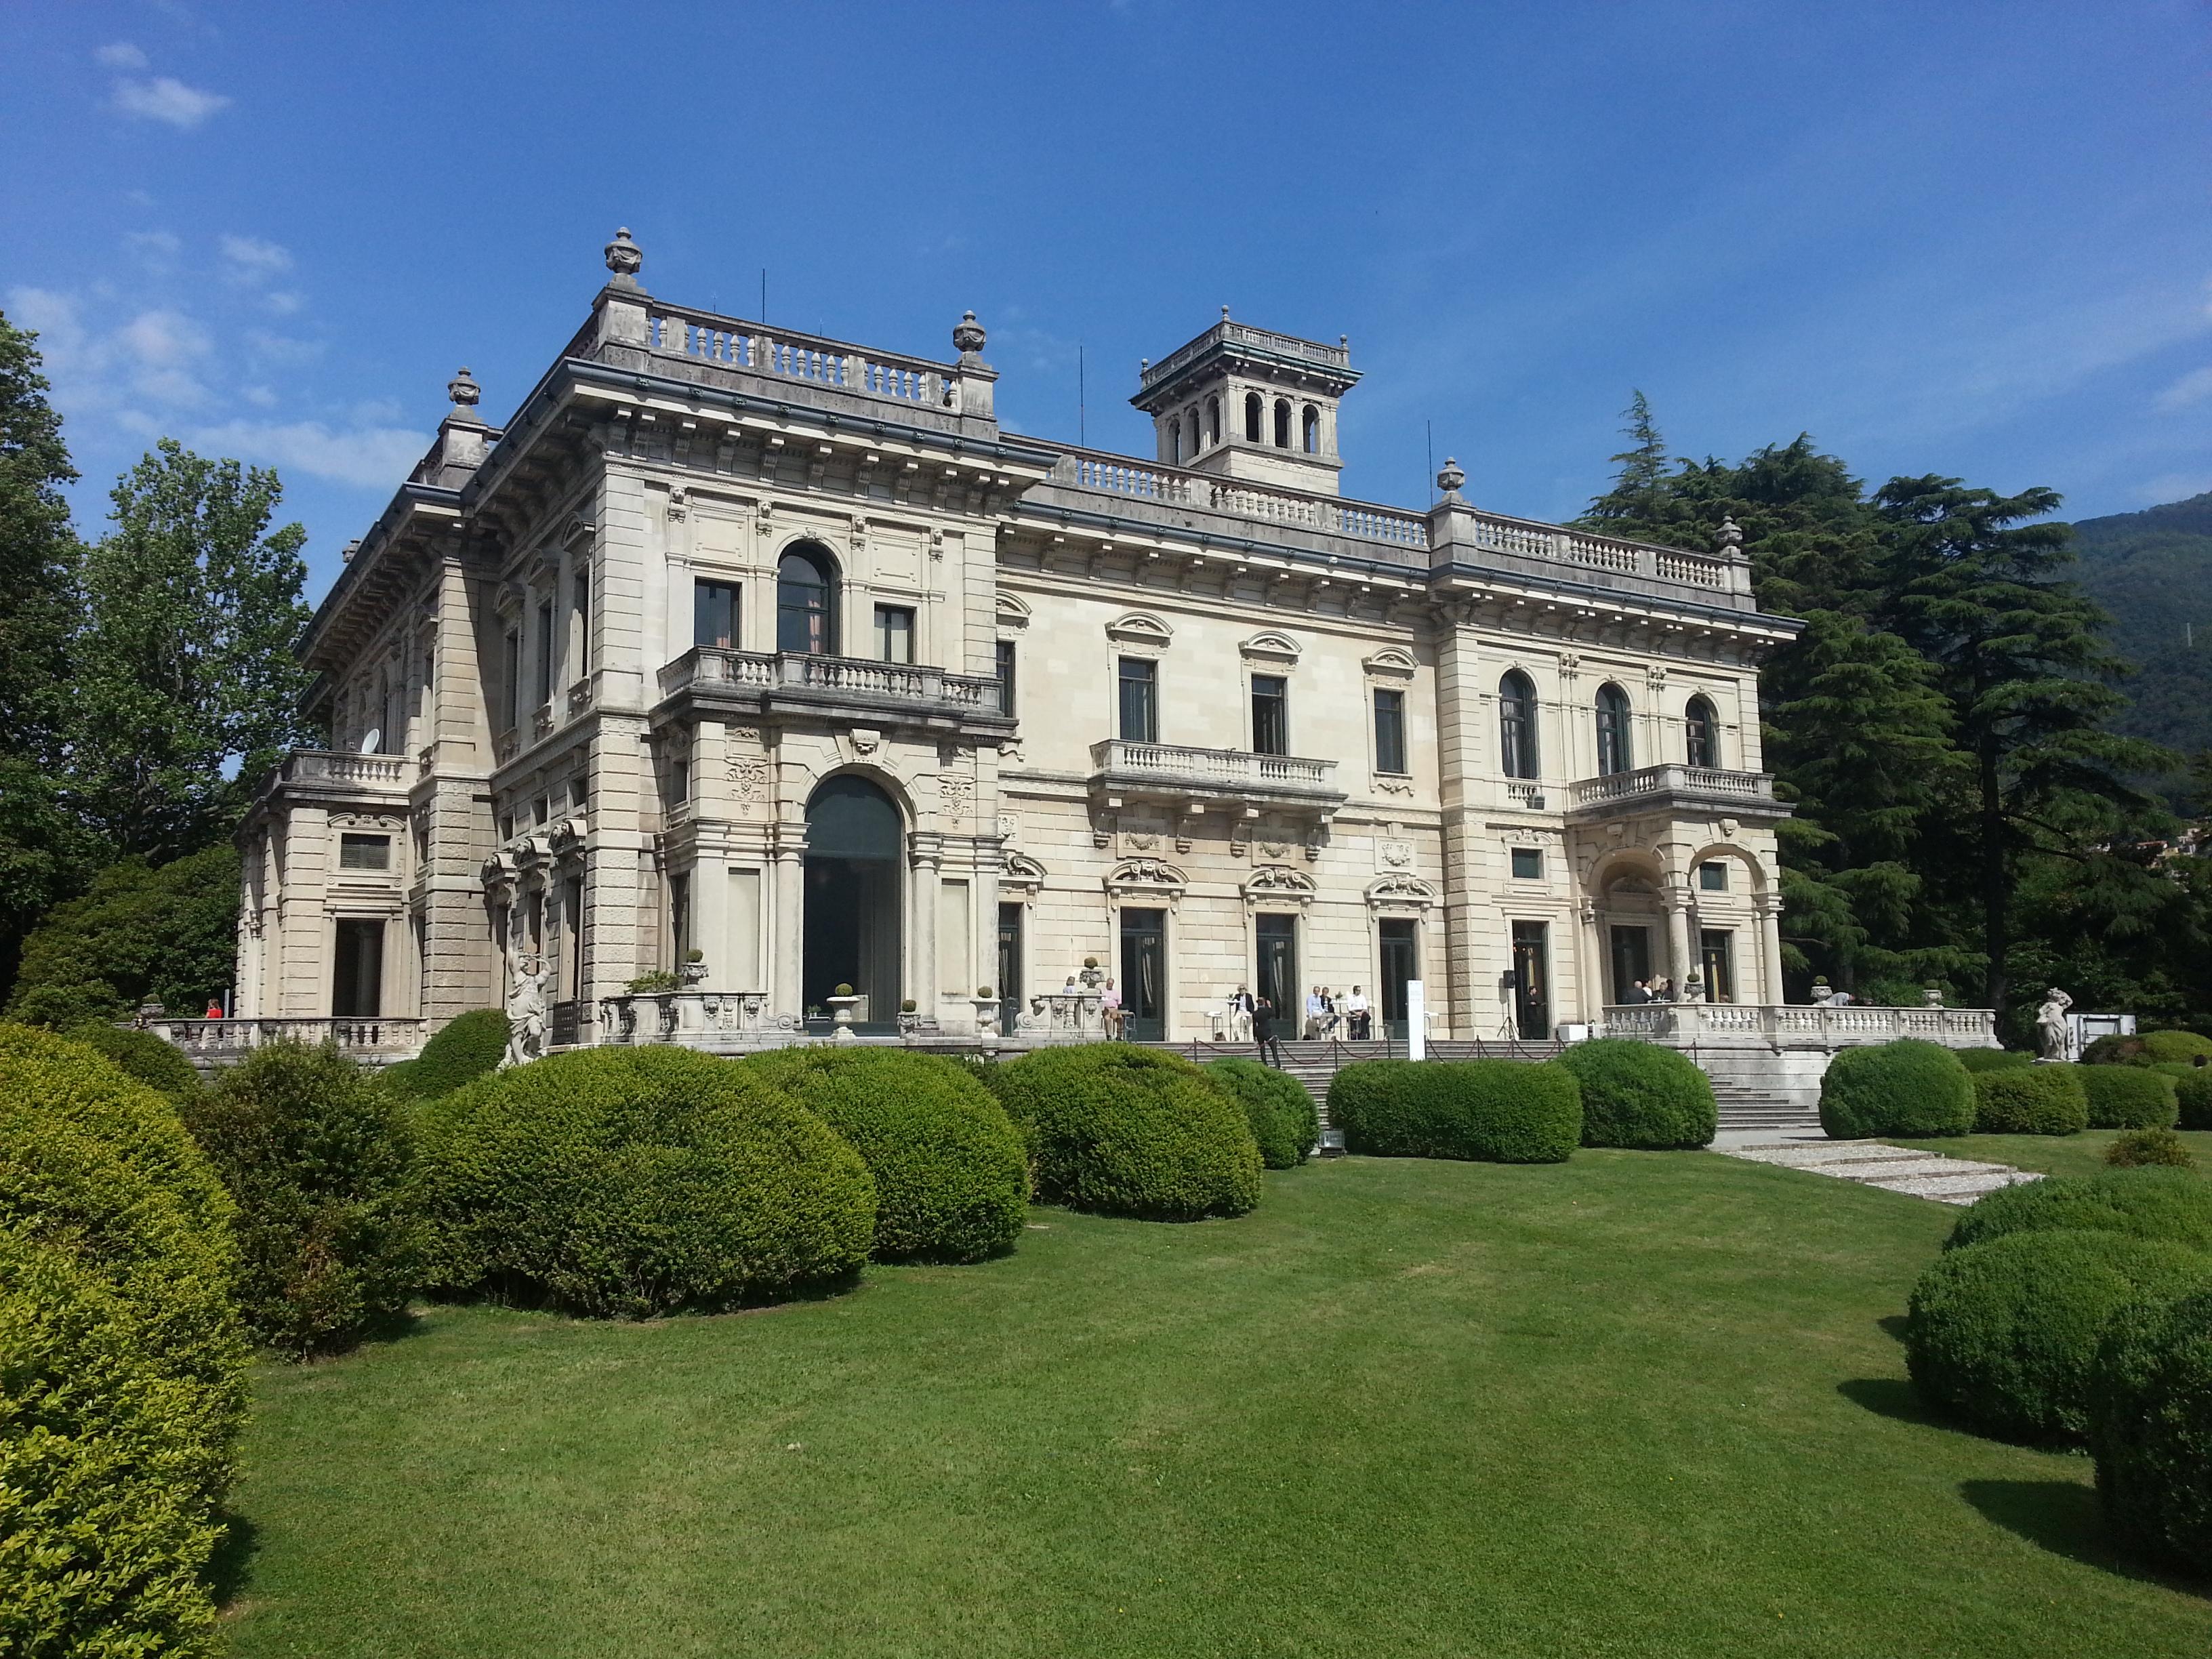 Verblichene Pracht: Die Villa Erba am Comer See (c) kanter